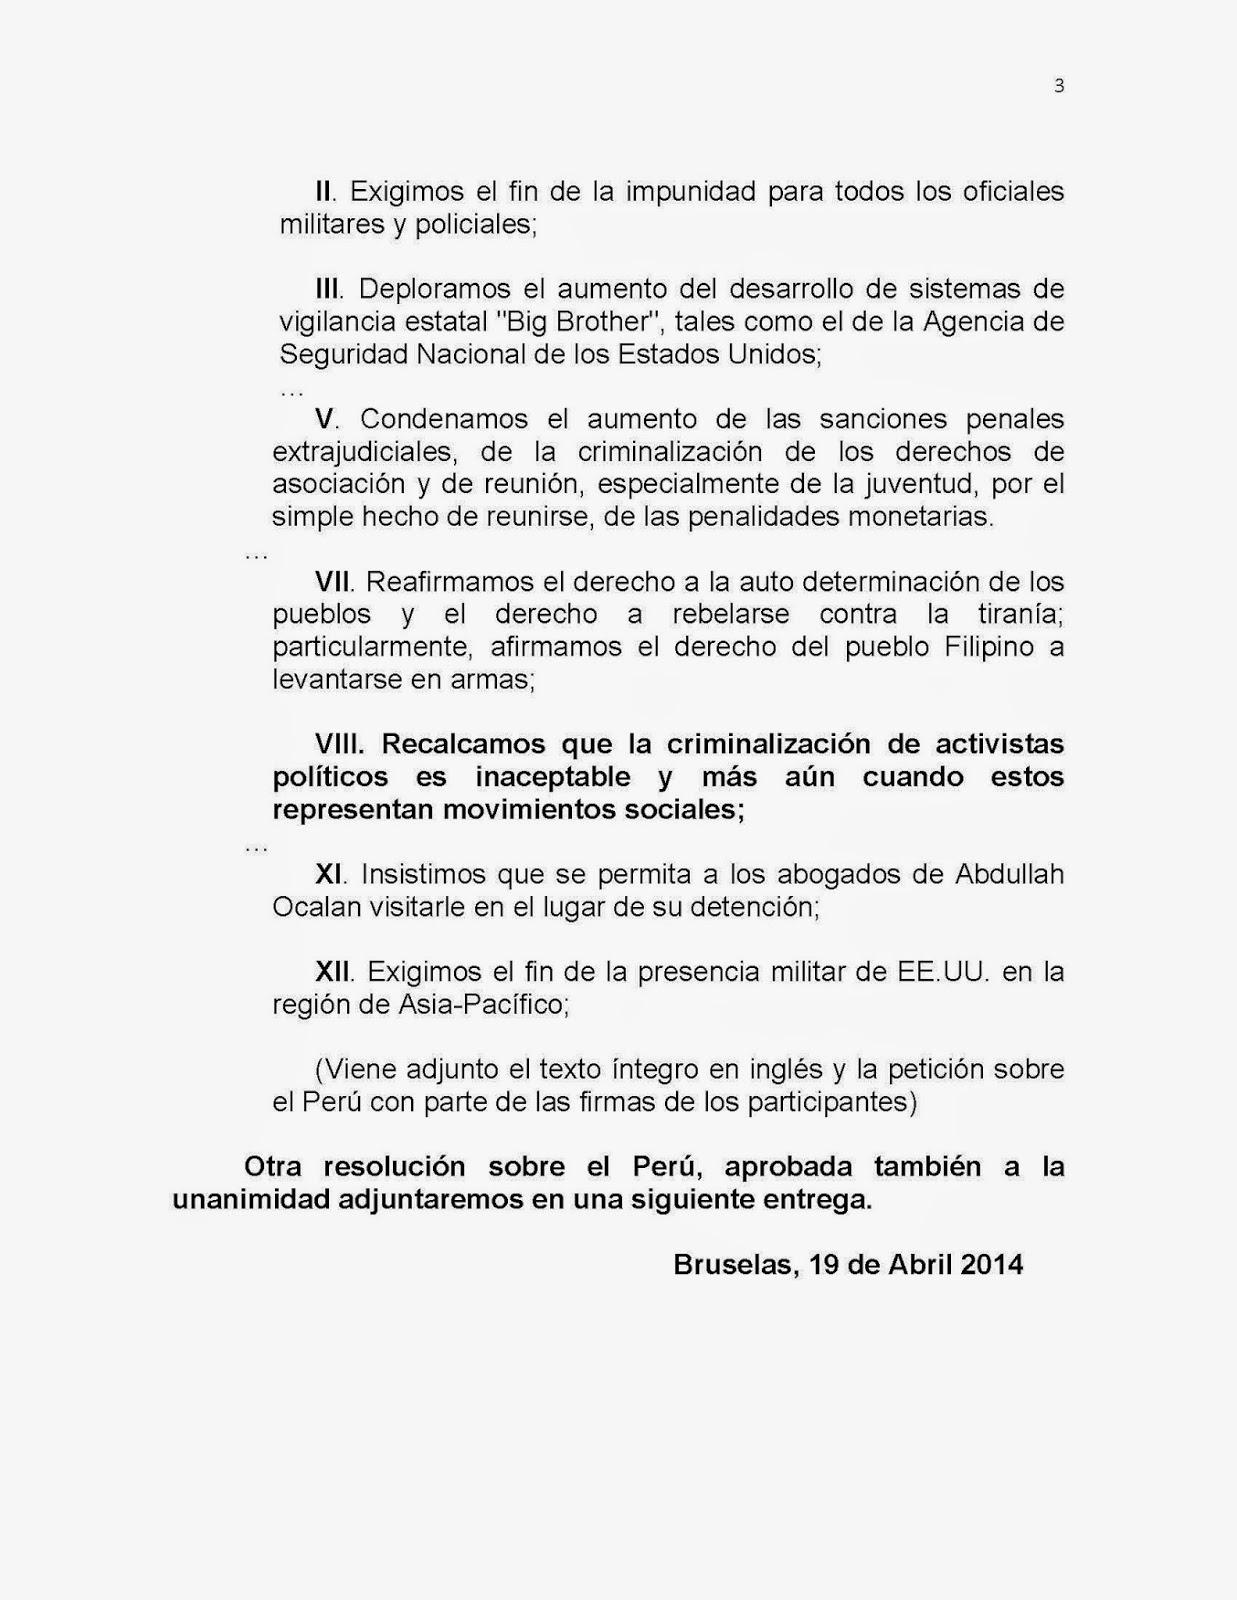 bru+castellano+190414+r_P%C3%A1gina_3.jpg